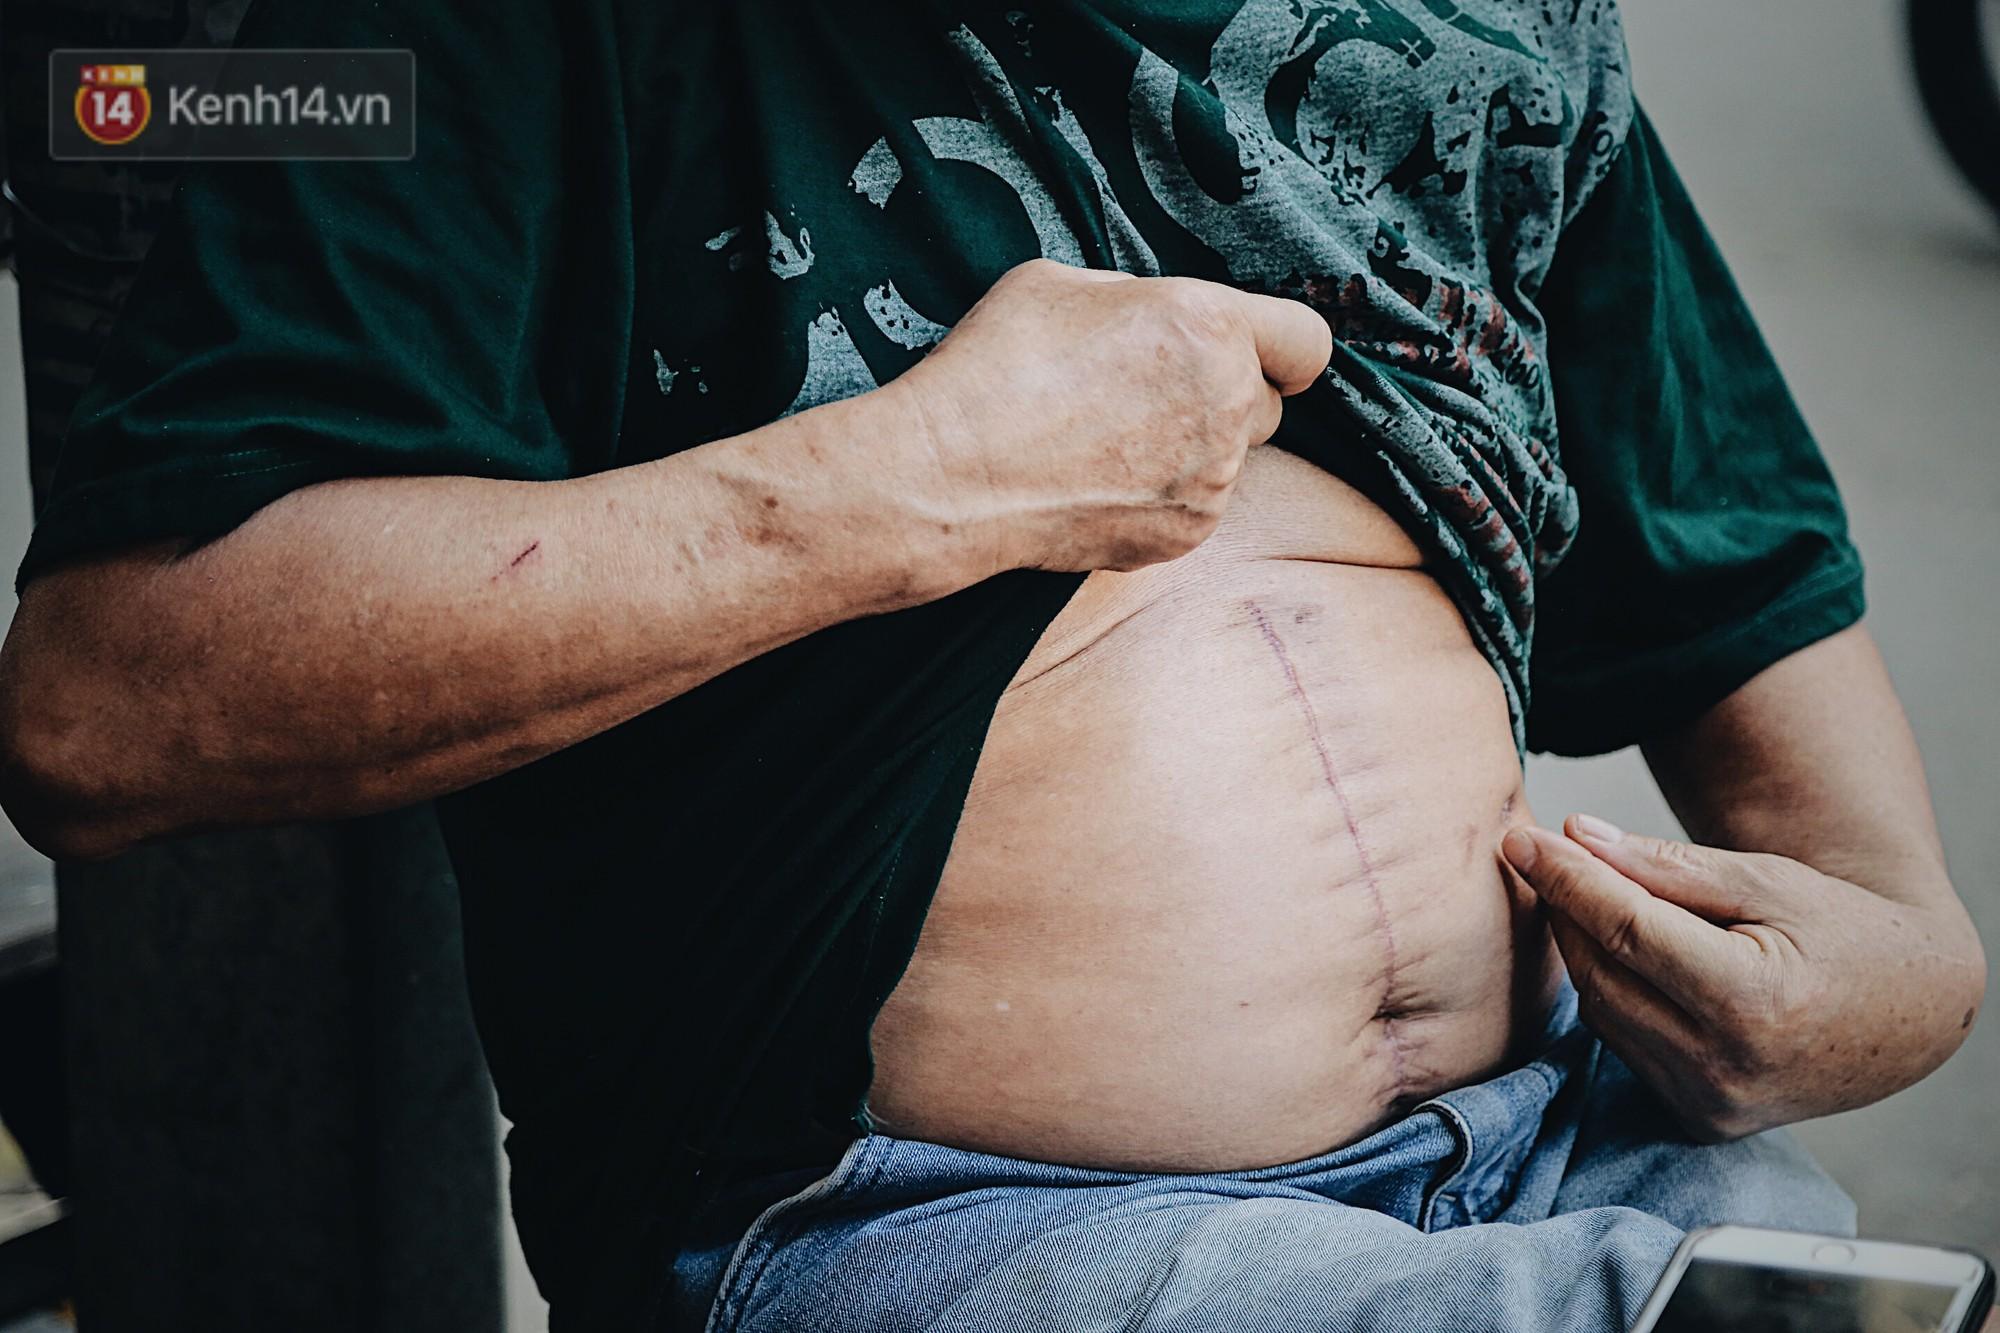 Câu chuyện về vết sẹo dài trên cơ thể người kéo chuông cuối cùng ở Nhà thờ lớn Hà Nội-8